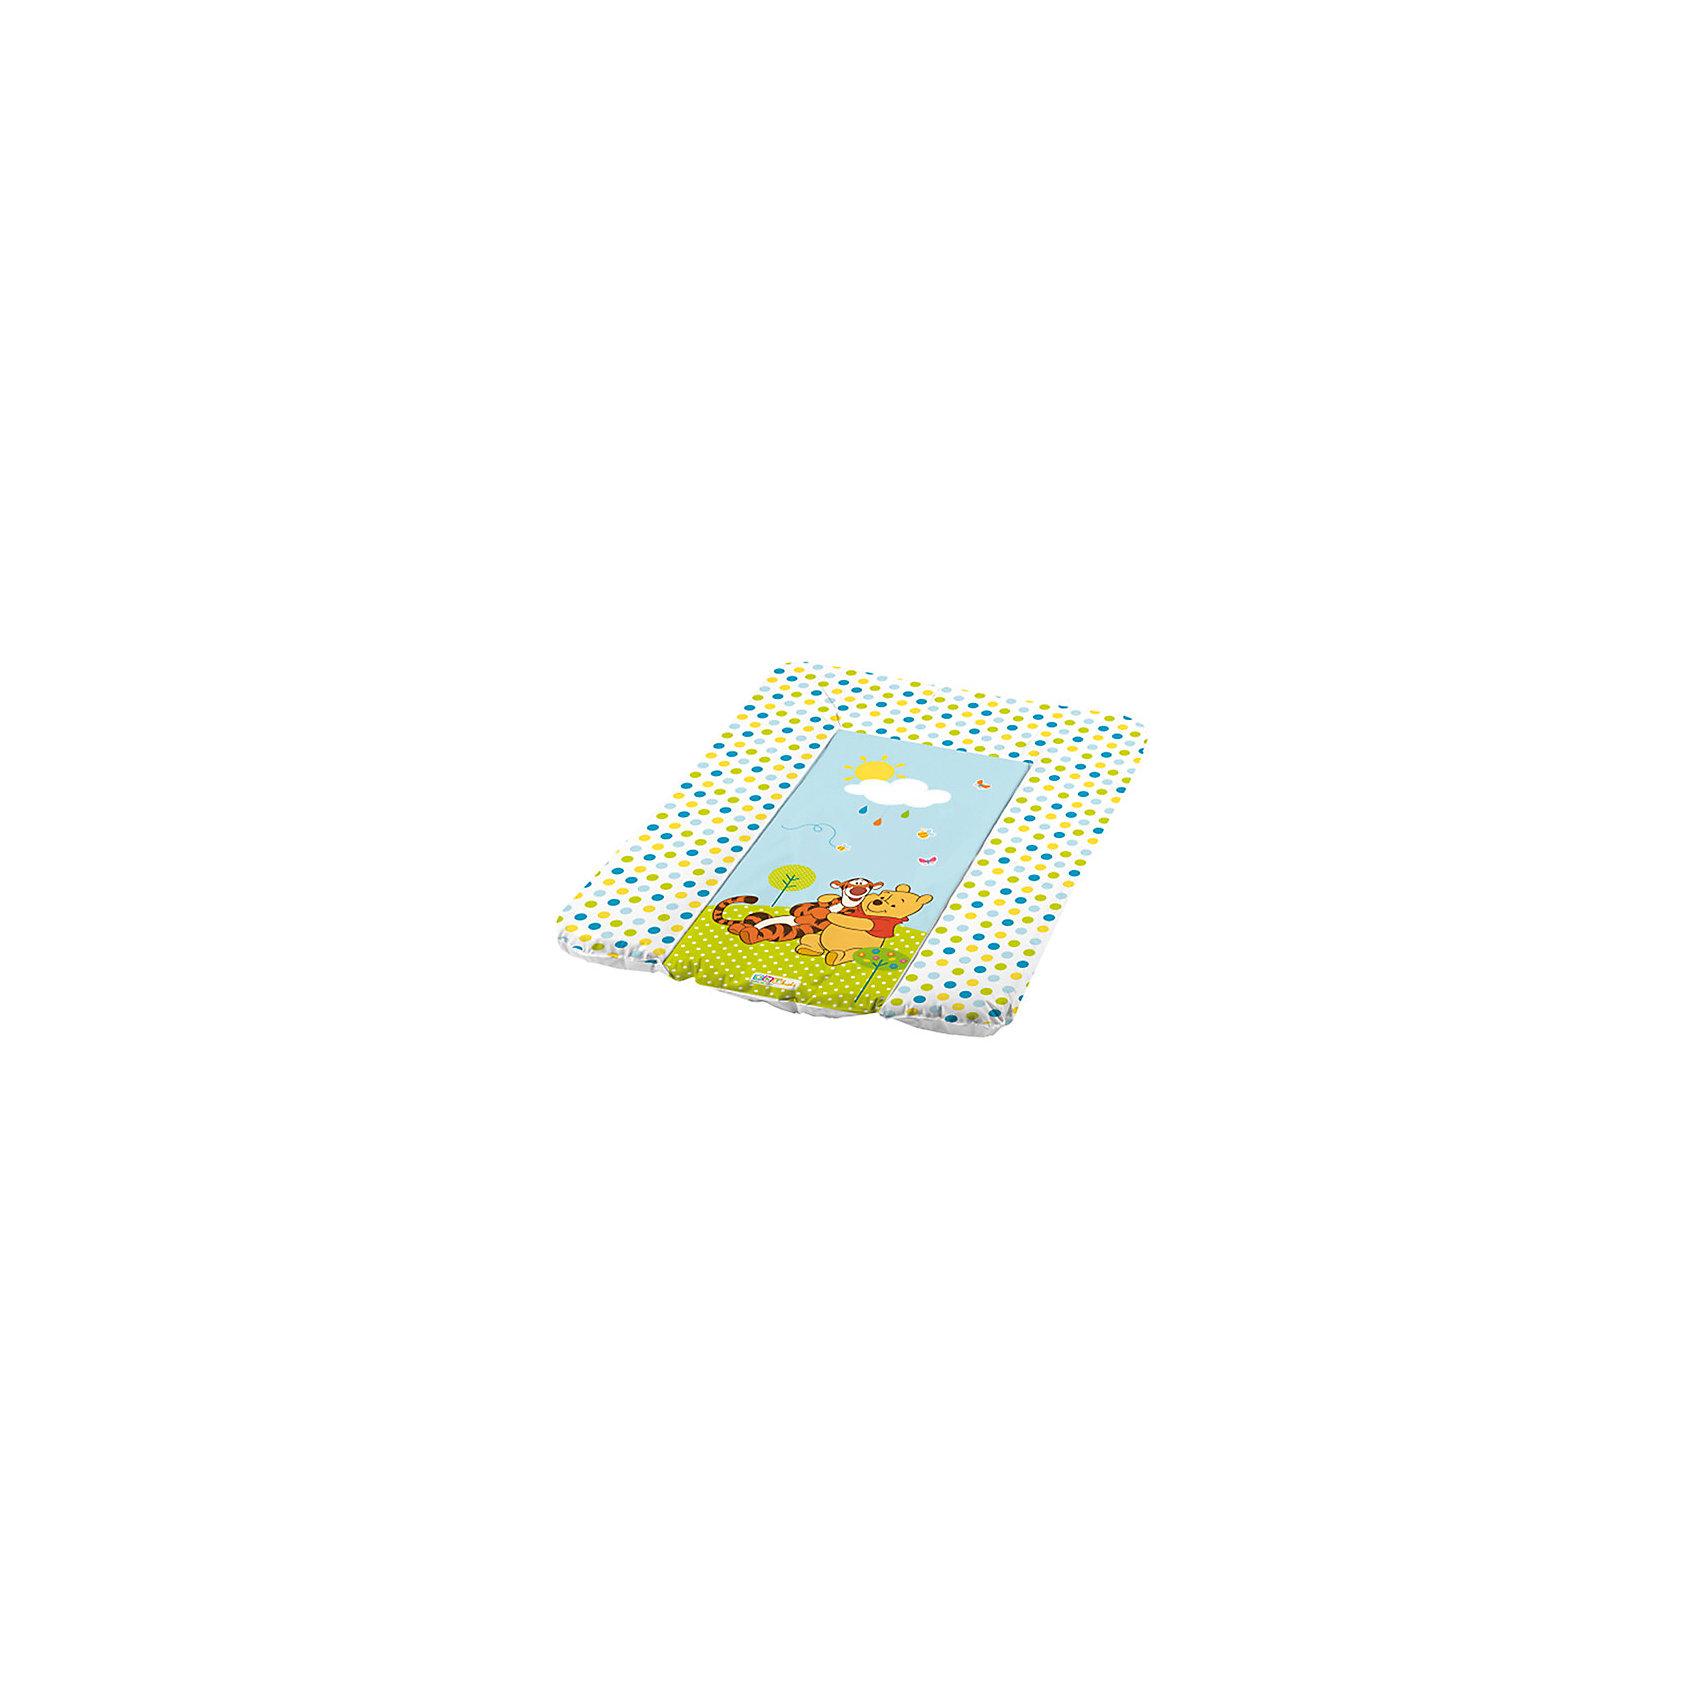 OKT kids Матрас для пеленания DISNEY Винни-Пух, OKT kids, белый disney гирлянда детская на ленте тачки с днем рождения